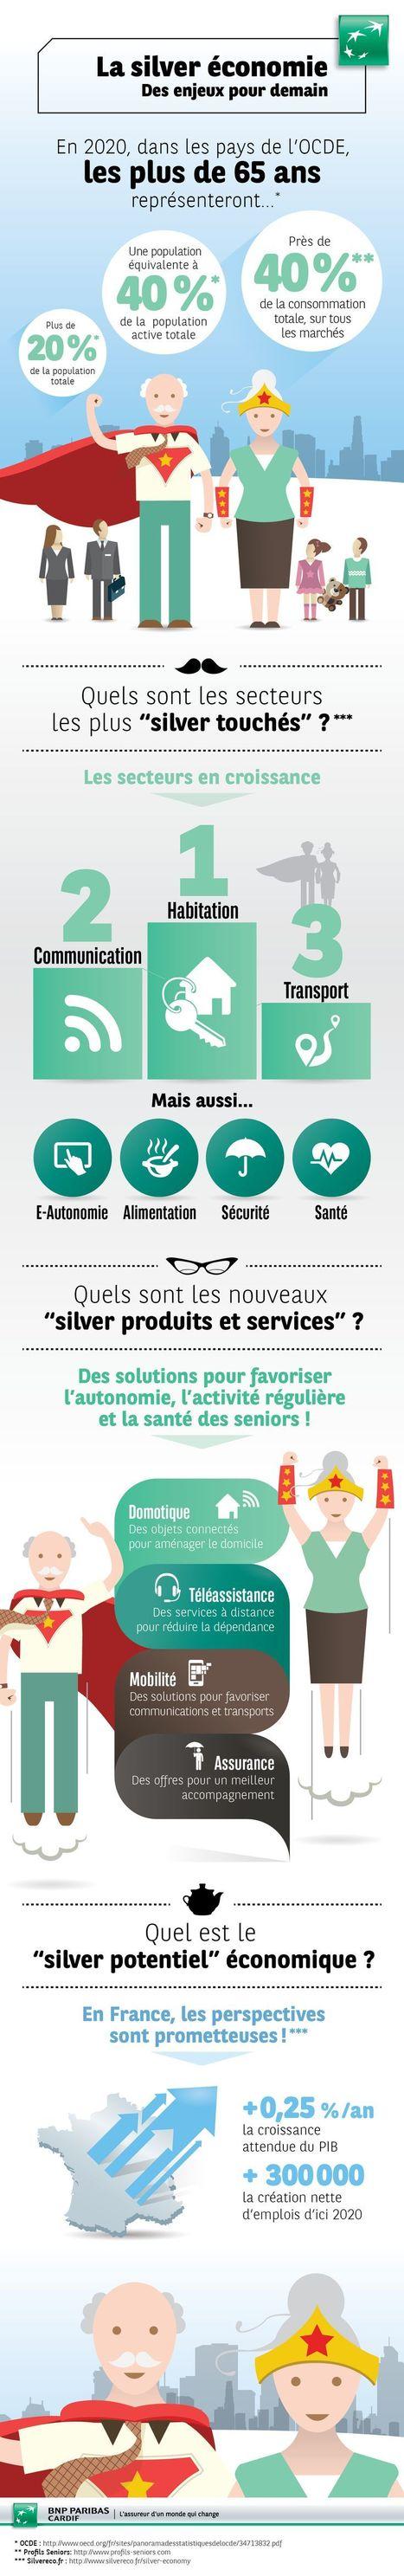 [infographie] La silver économie, des enjeux pour demain par @bnpp_cardif | Silver Economie | Scoop.it